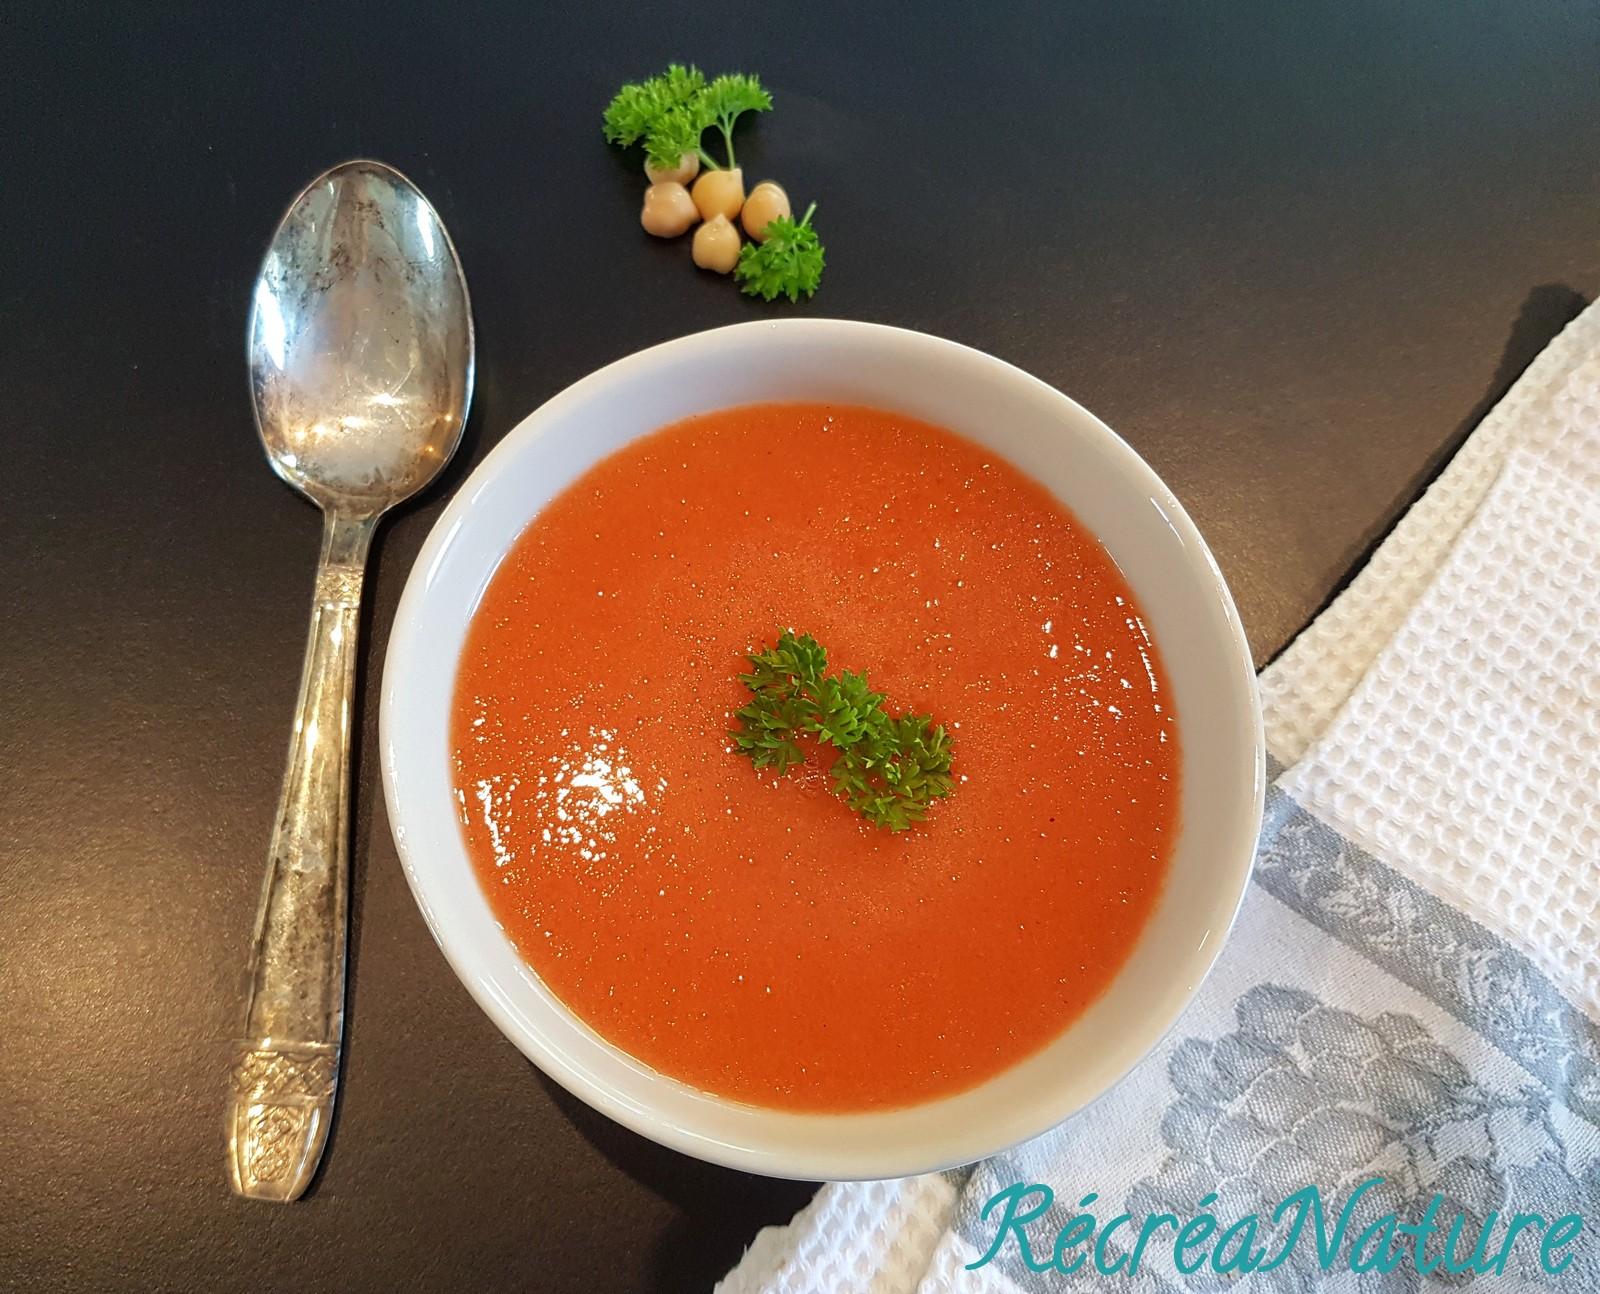 soupe froide carottes tomates et pois chiches cuisine cr e vegan sans gluten. Black Bedroom Furniture Sets. Home Design Ideas